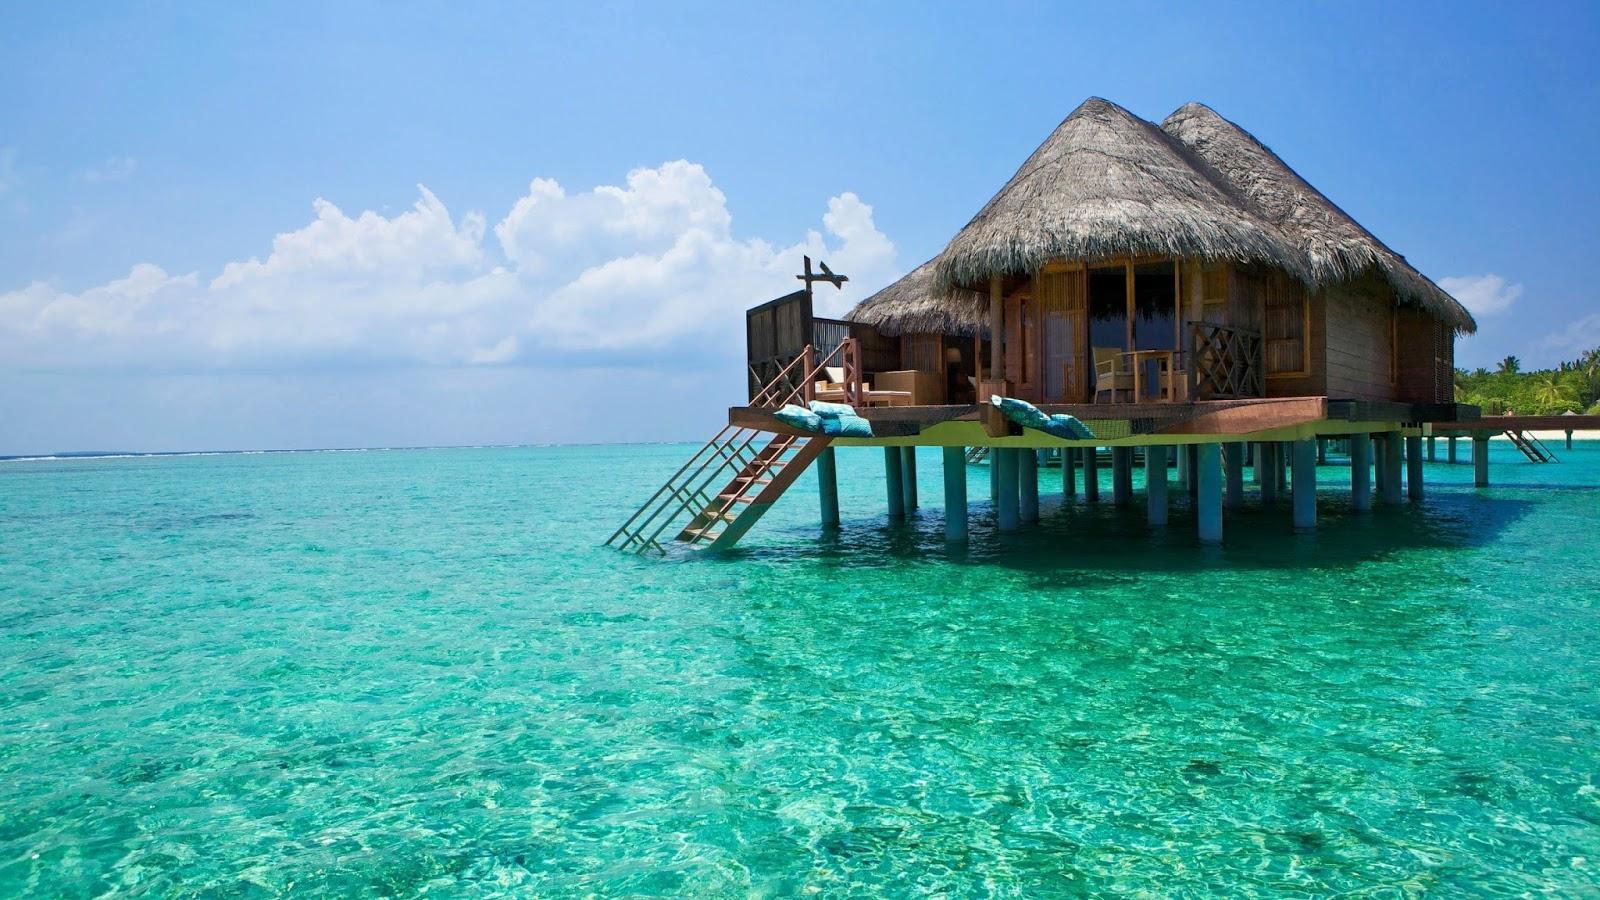 جزيرة بالي اجمل جزر اندونيسيا | اندونيسيا